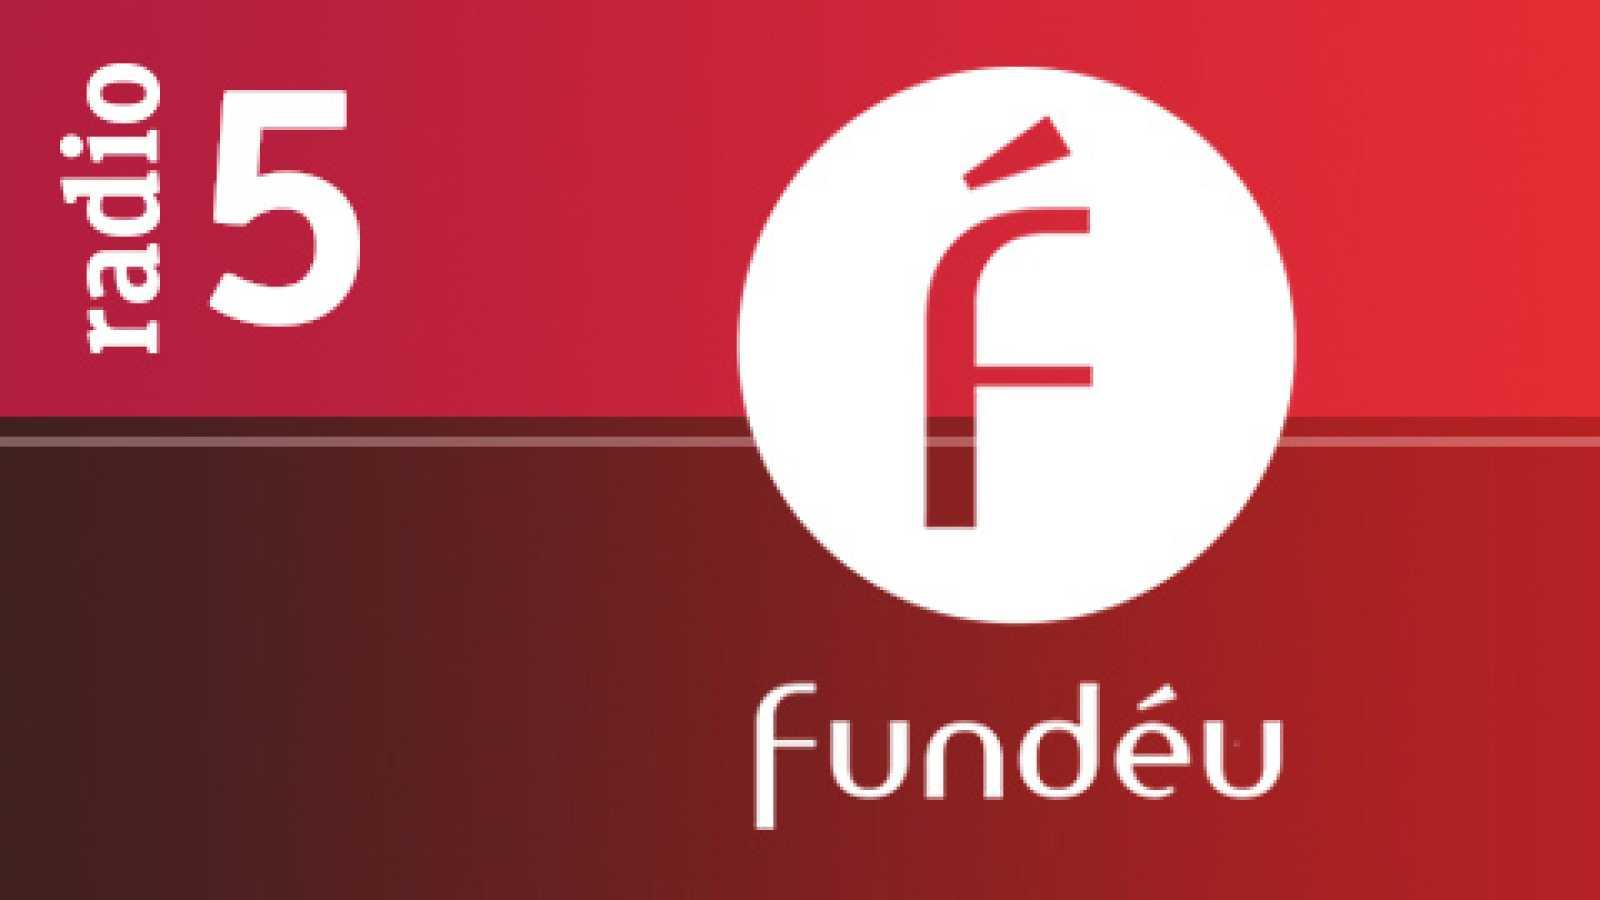 """El español urgente con Fundéu - """"Neonegacionismo"""", nuevo tipo de negacionismo - 09/12/19 - Escuchar ahora"""